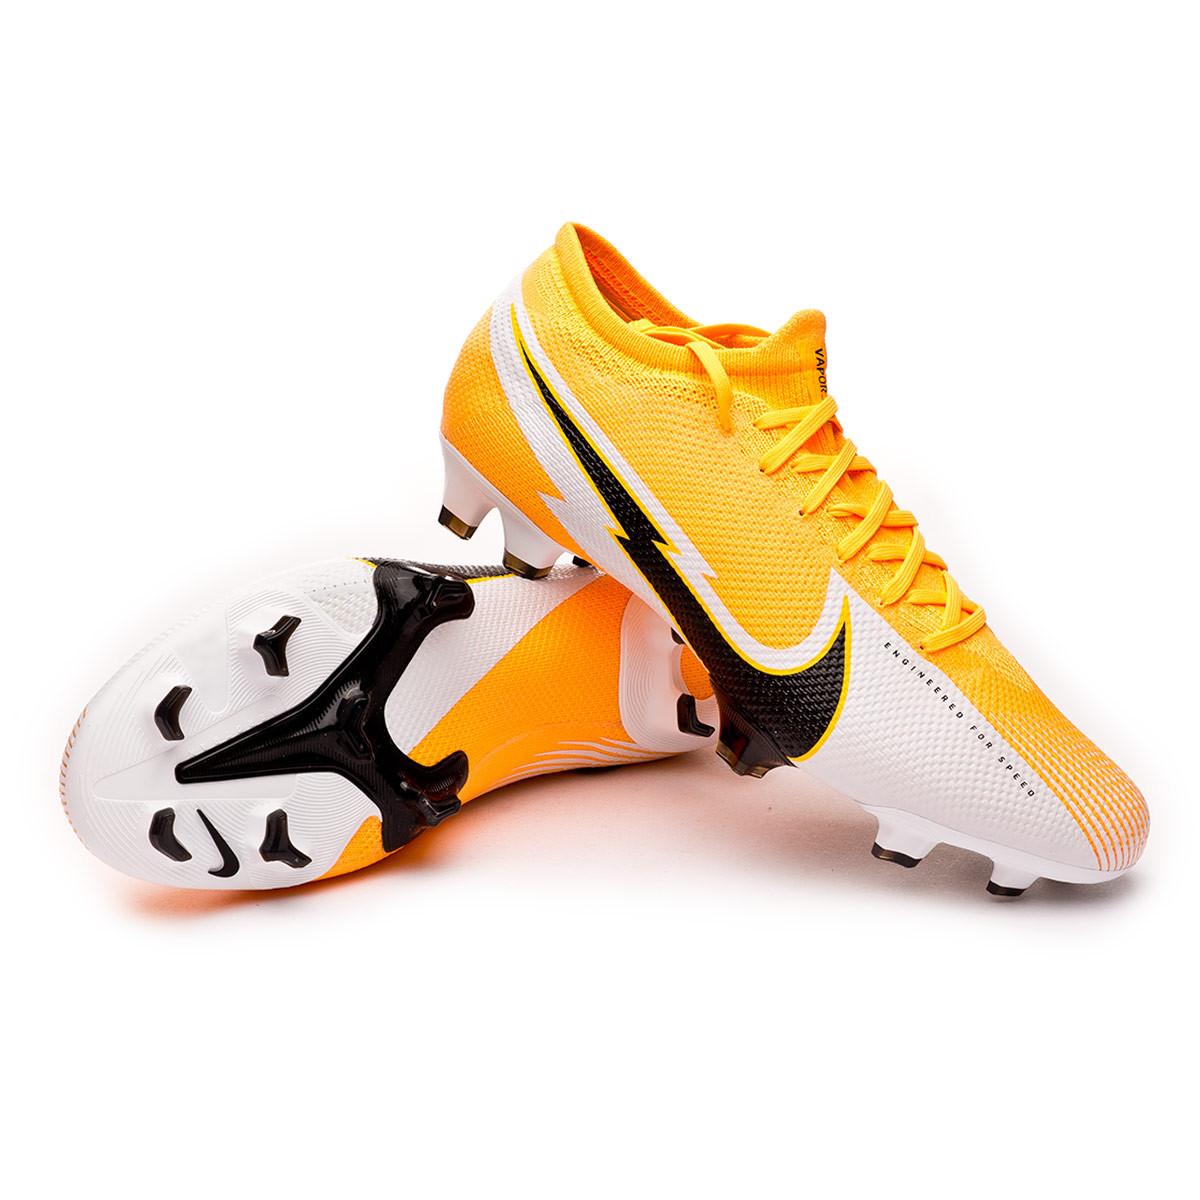 chaussures foot nike mercurial orange